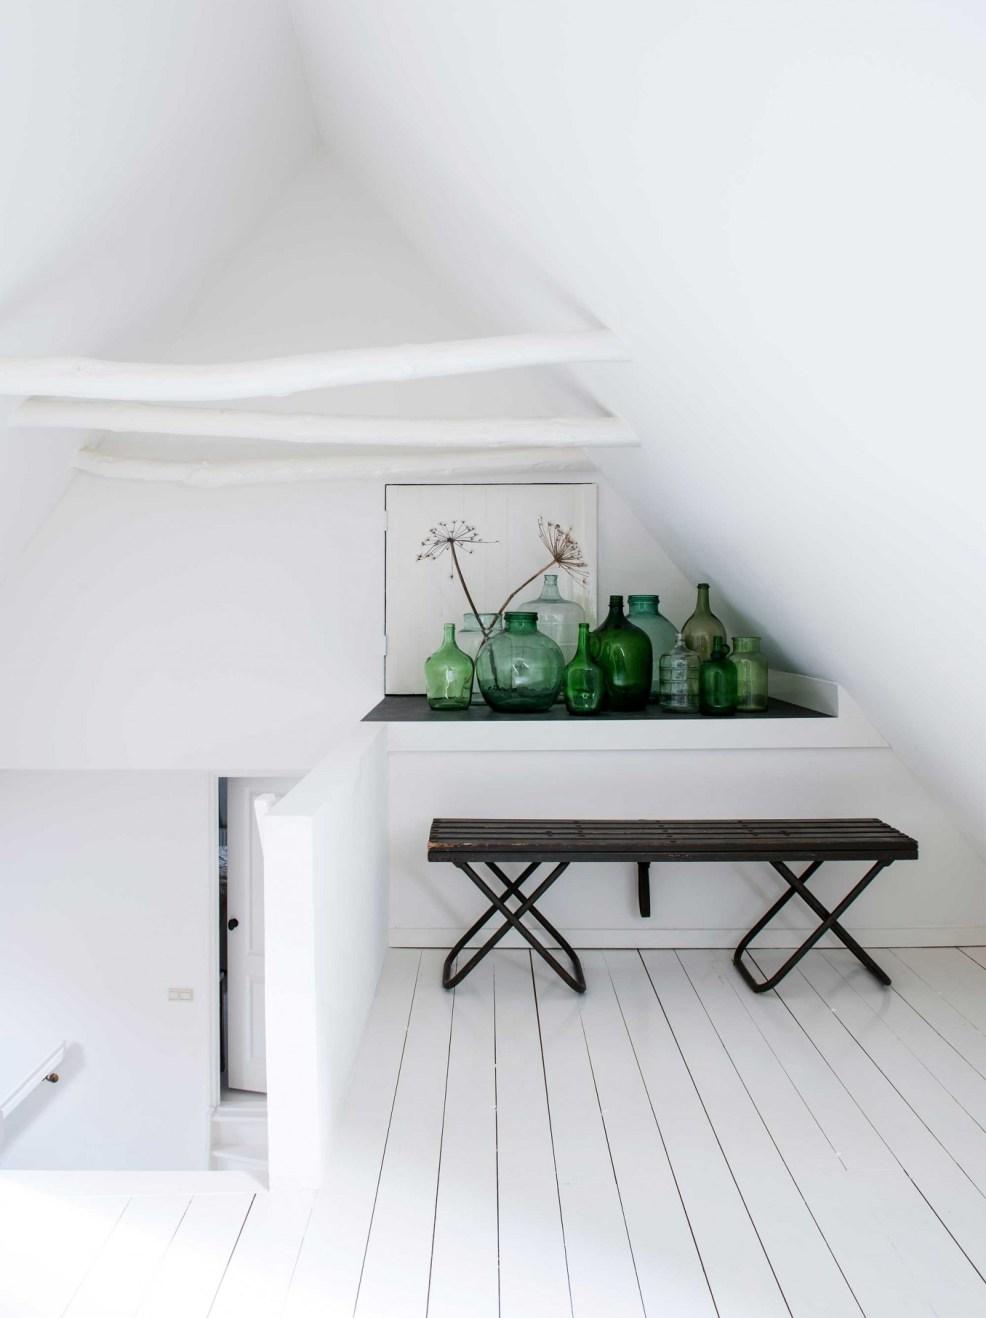 Une impressionnante collection de dame-jeanne pour décorer cette magnifique chambre sous les combles. Trouvez plus d'inspiration avec les images de cette maison rustique néerlandaise.